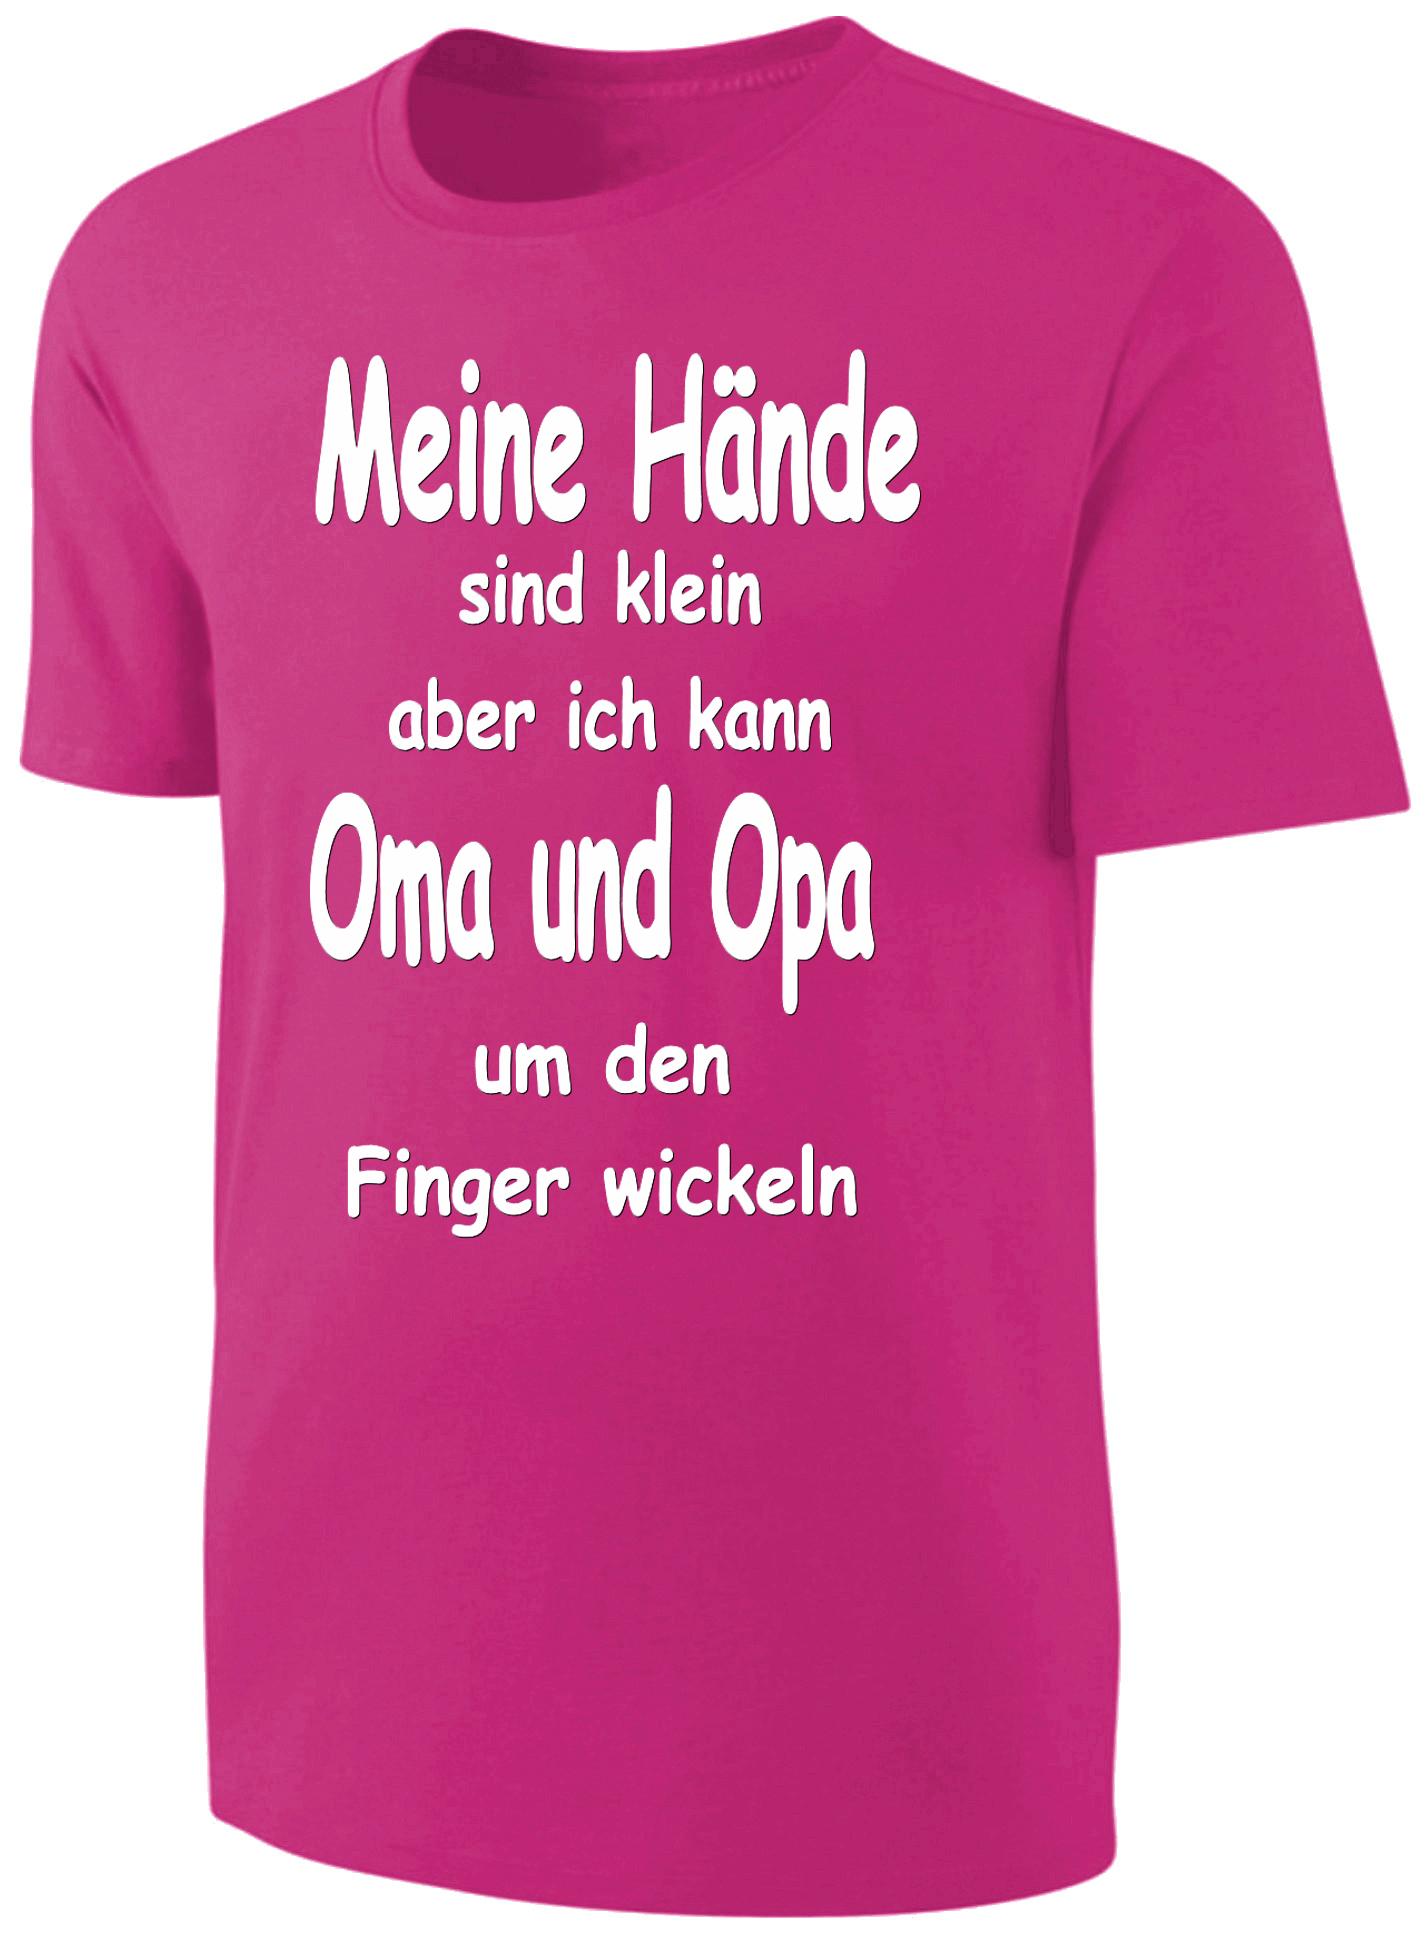 Full Size of Landwirtschaft Sprüche T Shirt Vegane Sprüche T Shirt Bayerische Sprüche T Shirt Damen Sprüche T Shirt Jga Küche Sprüche T Shirt